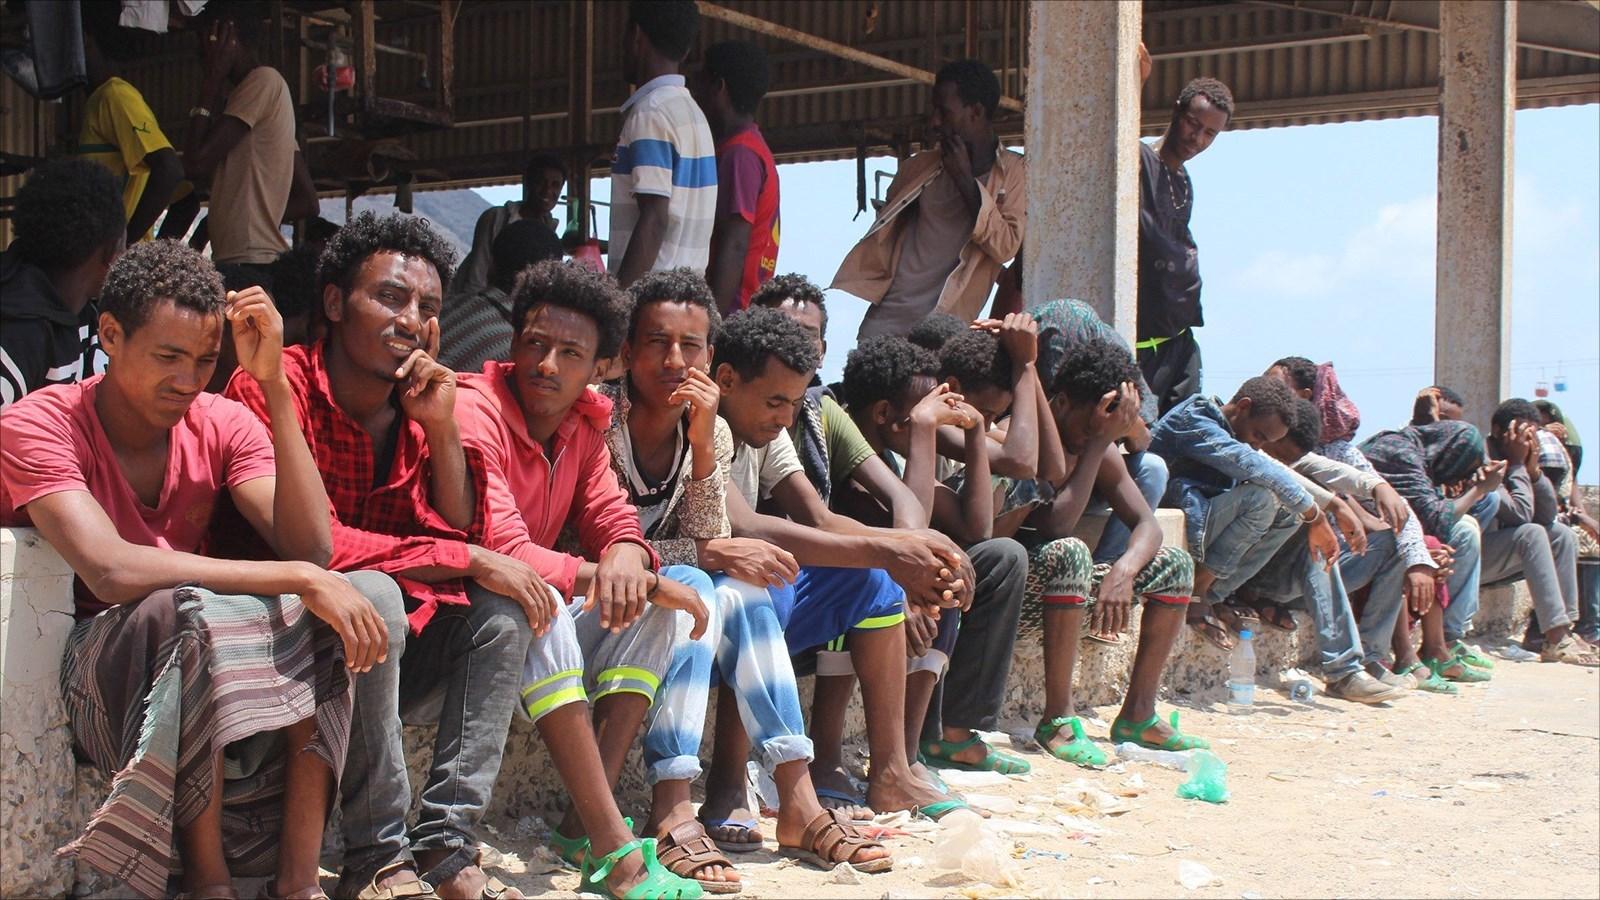 أرغم العنف في منطقة الساحل حوالى 2,9 مليون شخص على الفرار حتى اليوم، وفق أرقام المفوضية العليا للاجئين